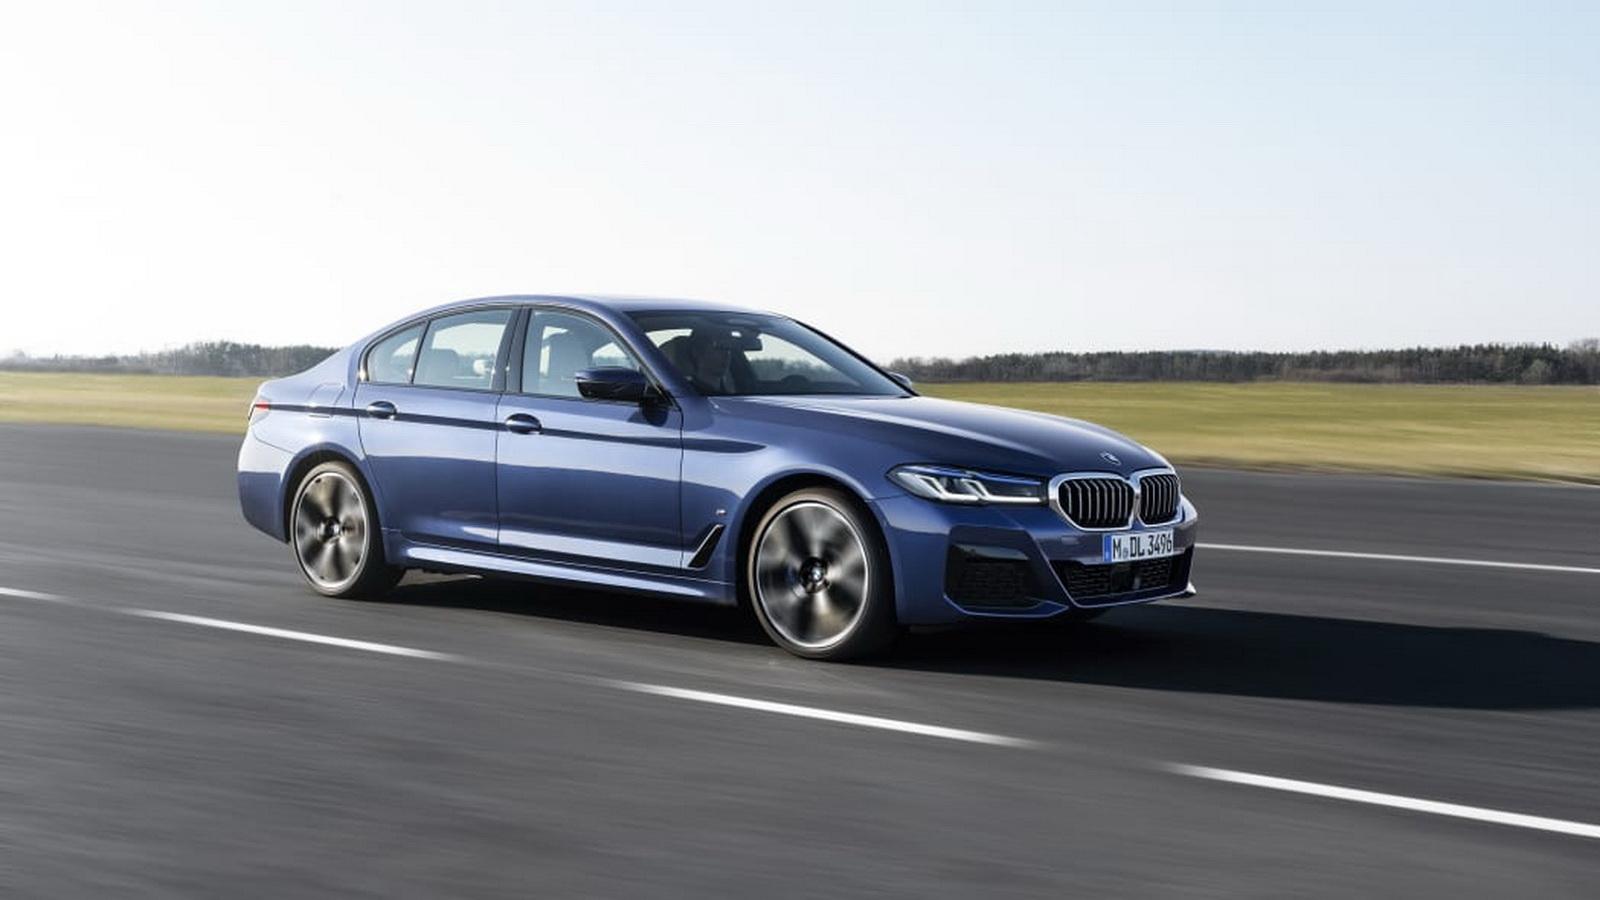 圖/2021 BMW 5系列採用48V輕度混合動力系統,能提高整體速度與性能,同時針對動力總成、車身與底盤避震器進行優化,以減少不必要的噪音與振動。